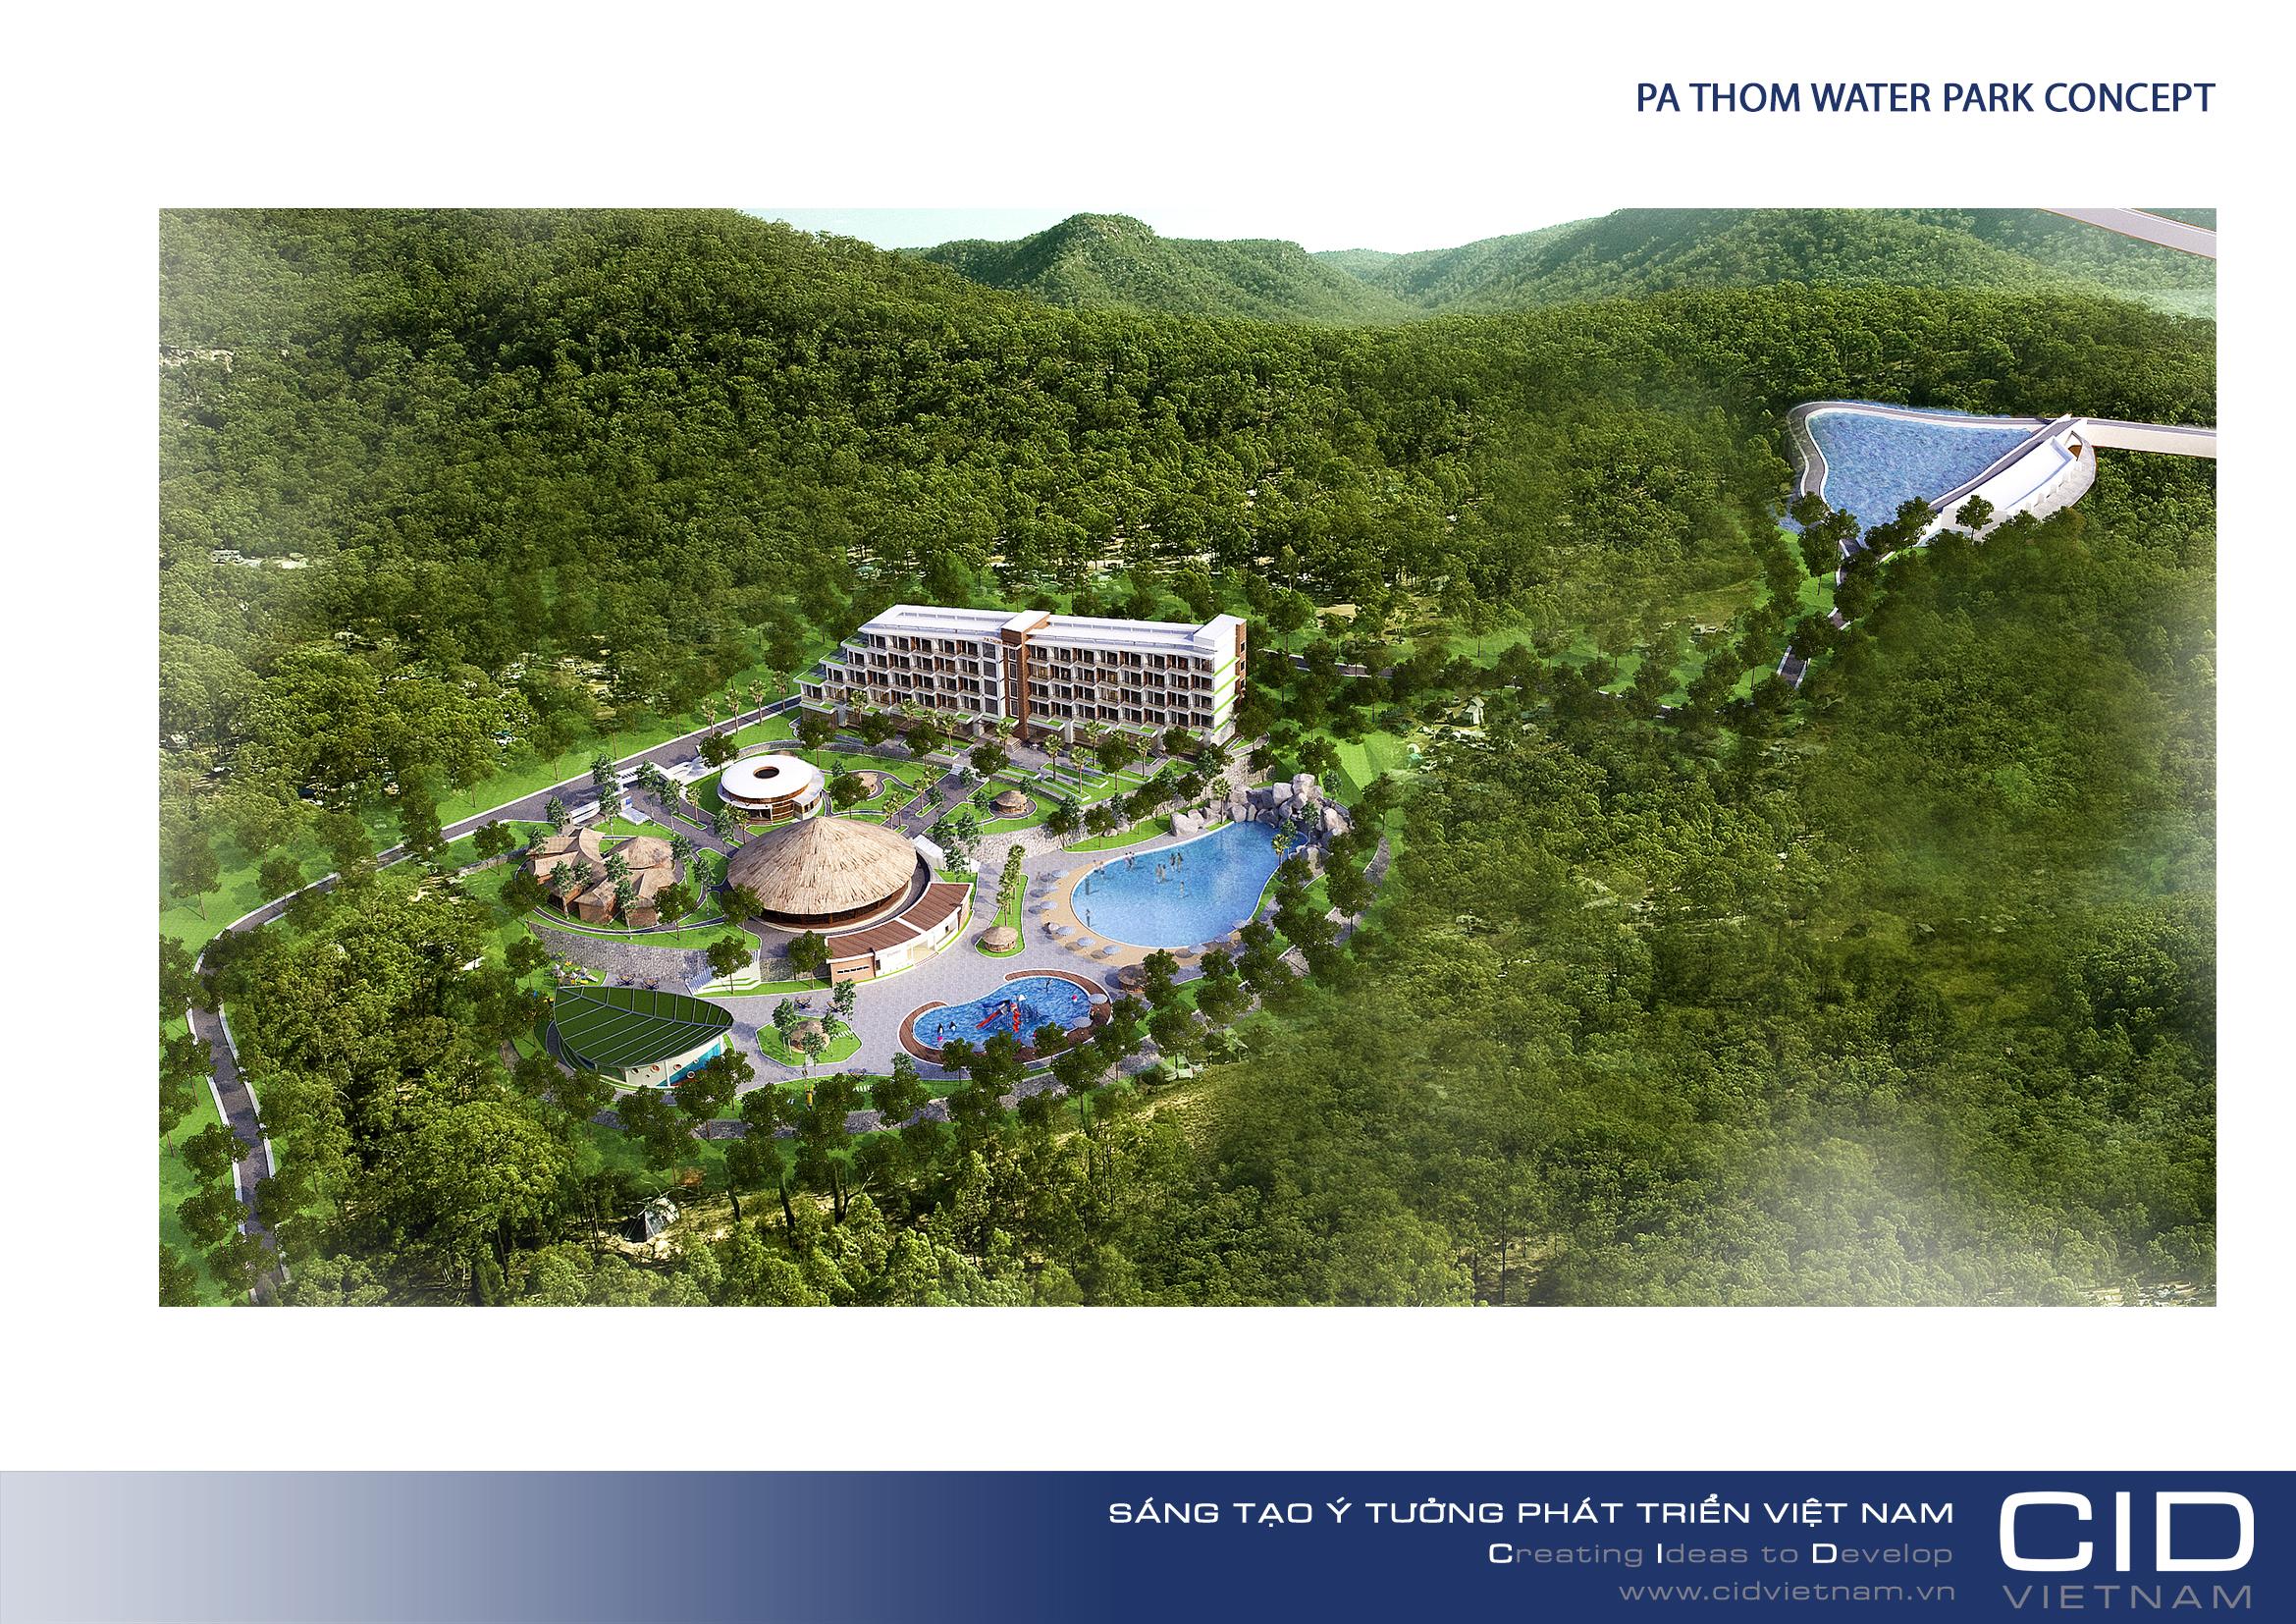 Khu nghỉ dưỡng, du lịch sinh thái hang động Pa thơm